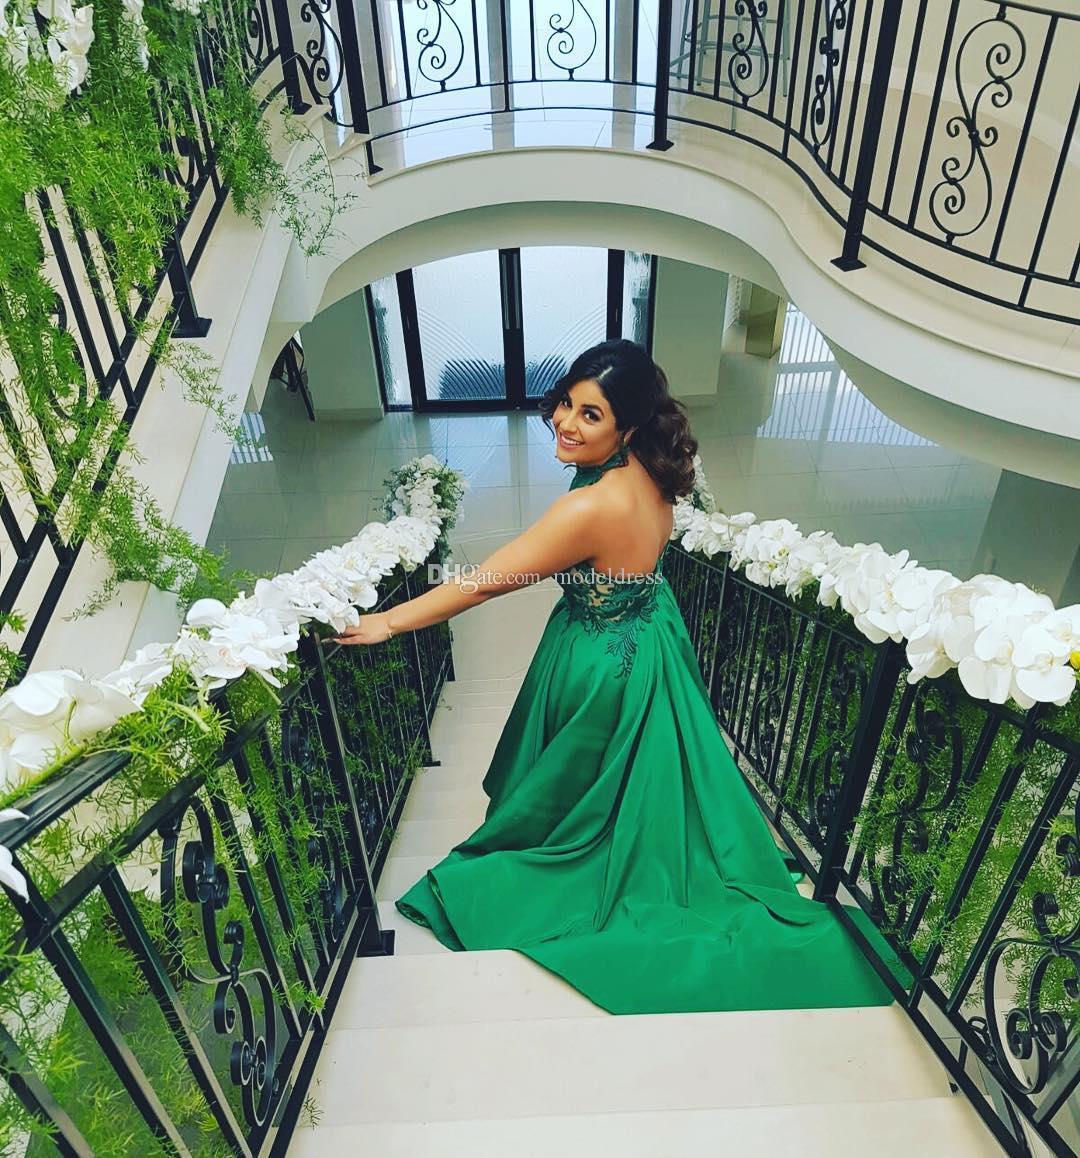 2018 Nouveau Backless Vert Robes De Bal Halter Appliques Haute Basse Sexy Satin Soirée De Soirée Pageant Robes Vestidos De Fiesta Personnalisé